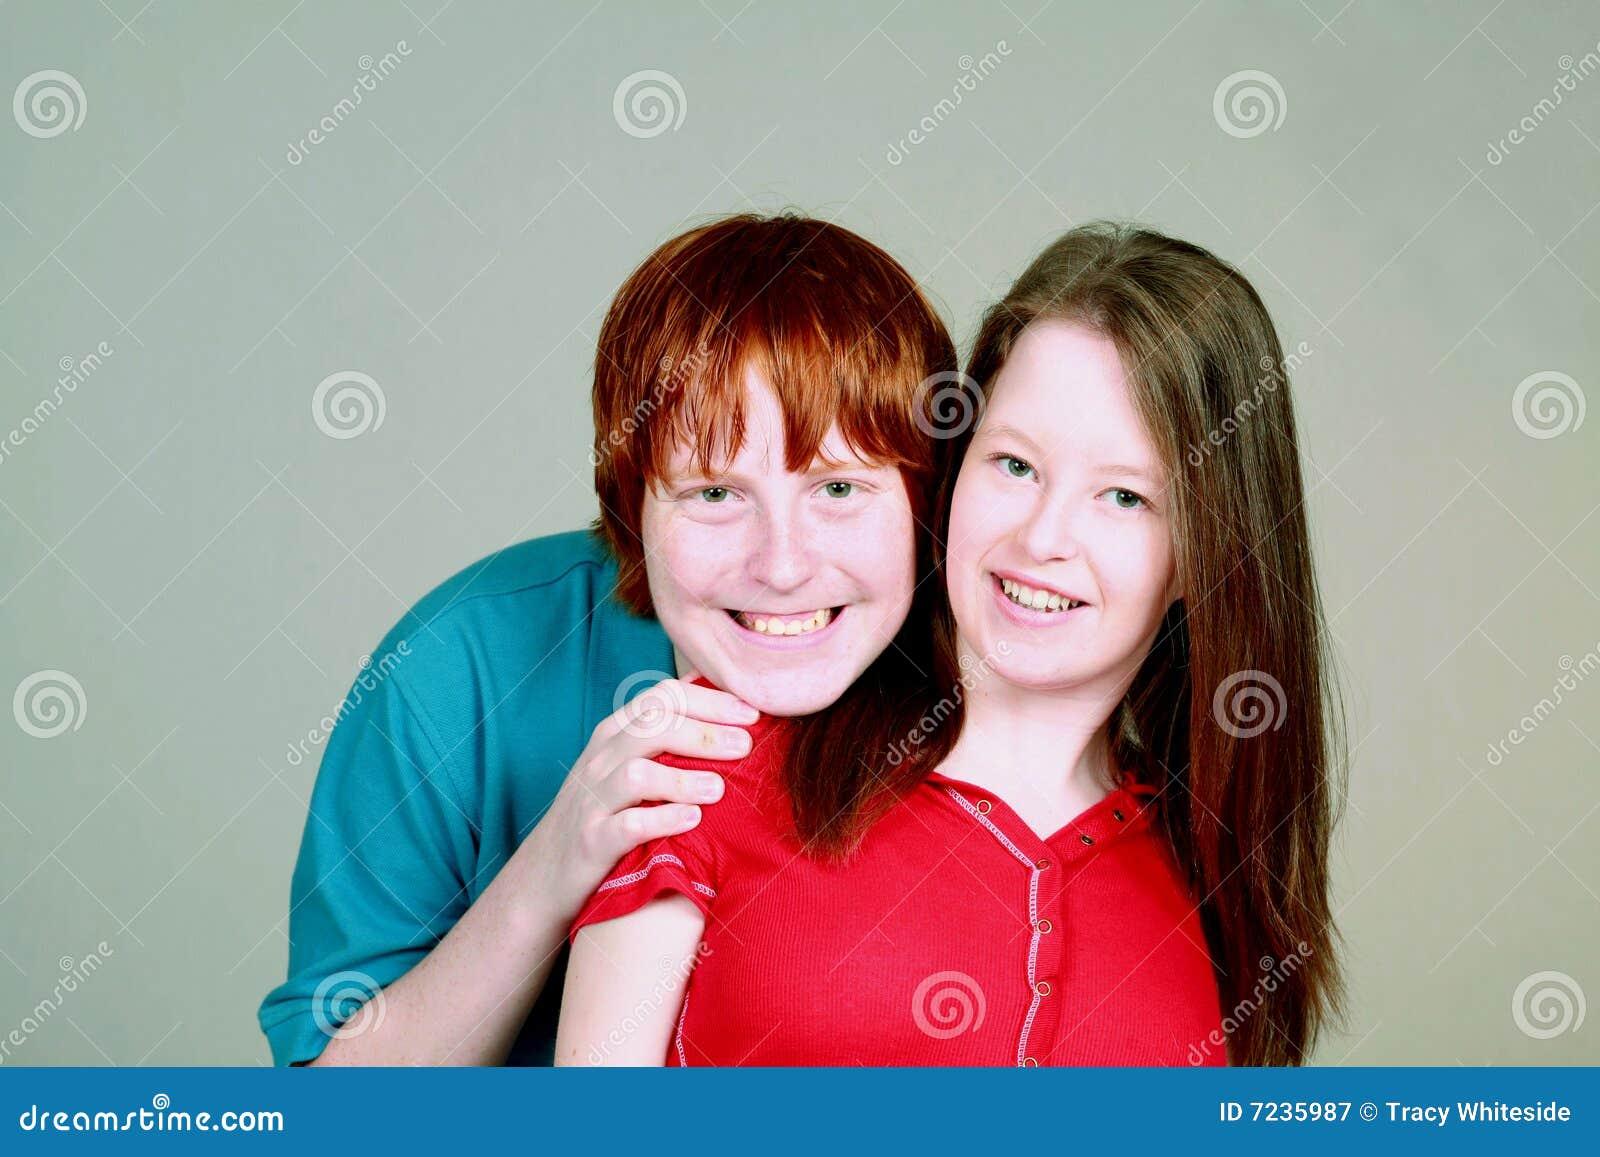 Weird Couple Stock Photos 8